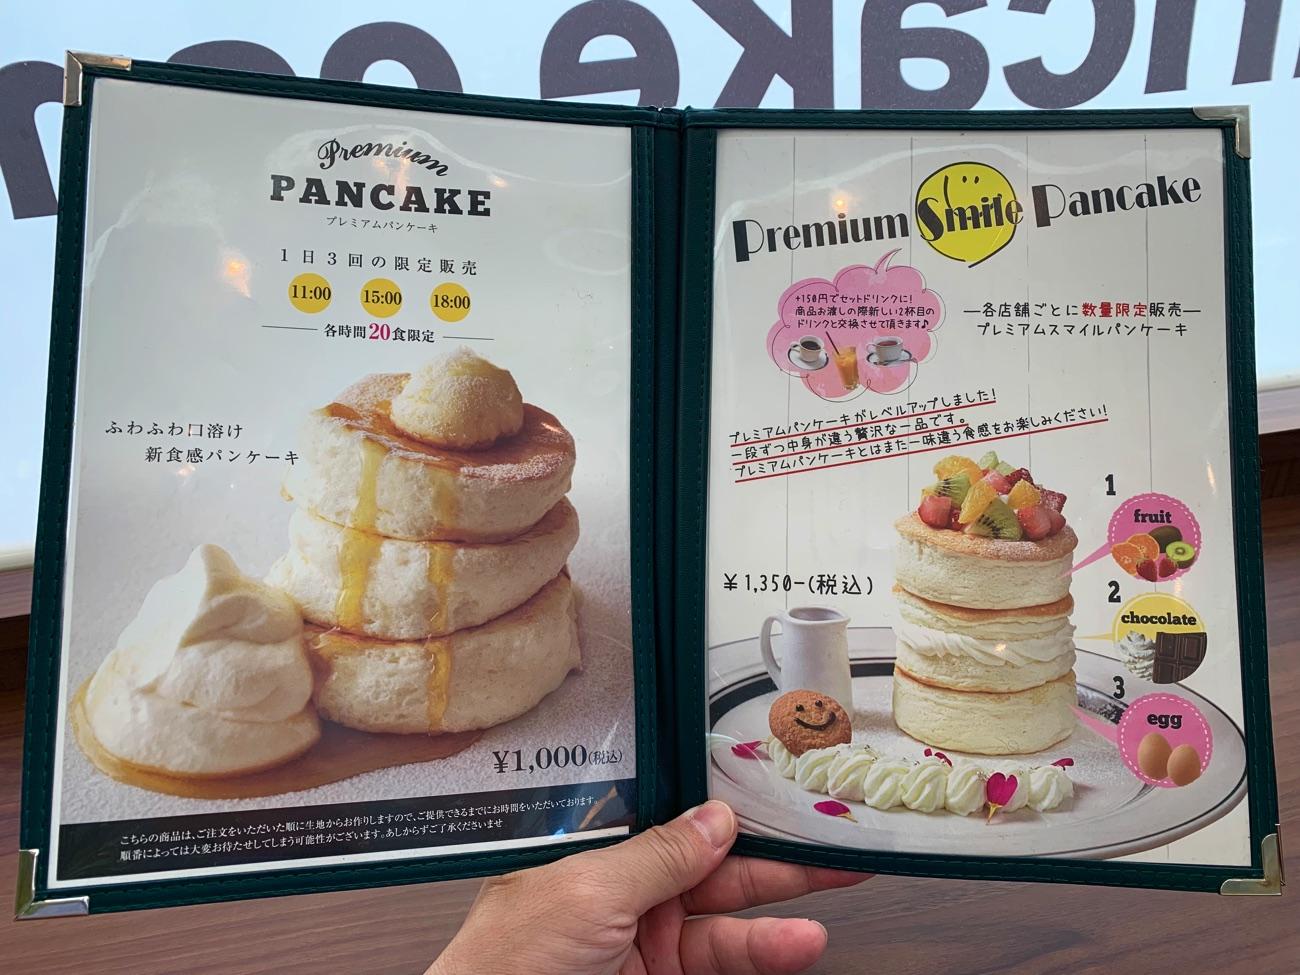 プレミアムパンケーキは1日3回の限定メニュー